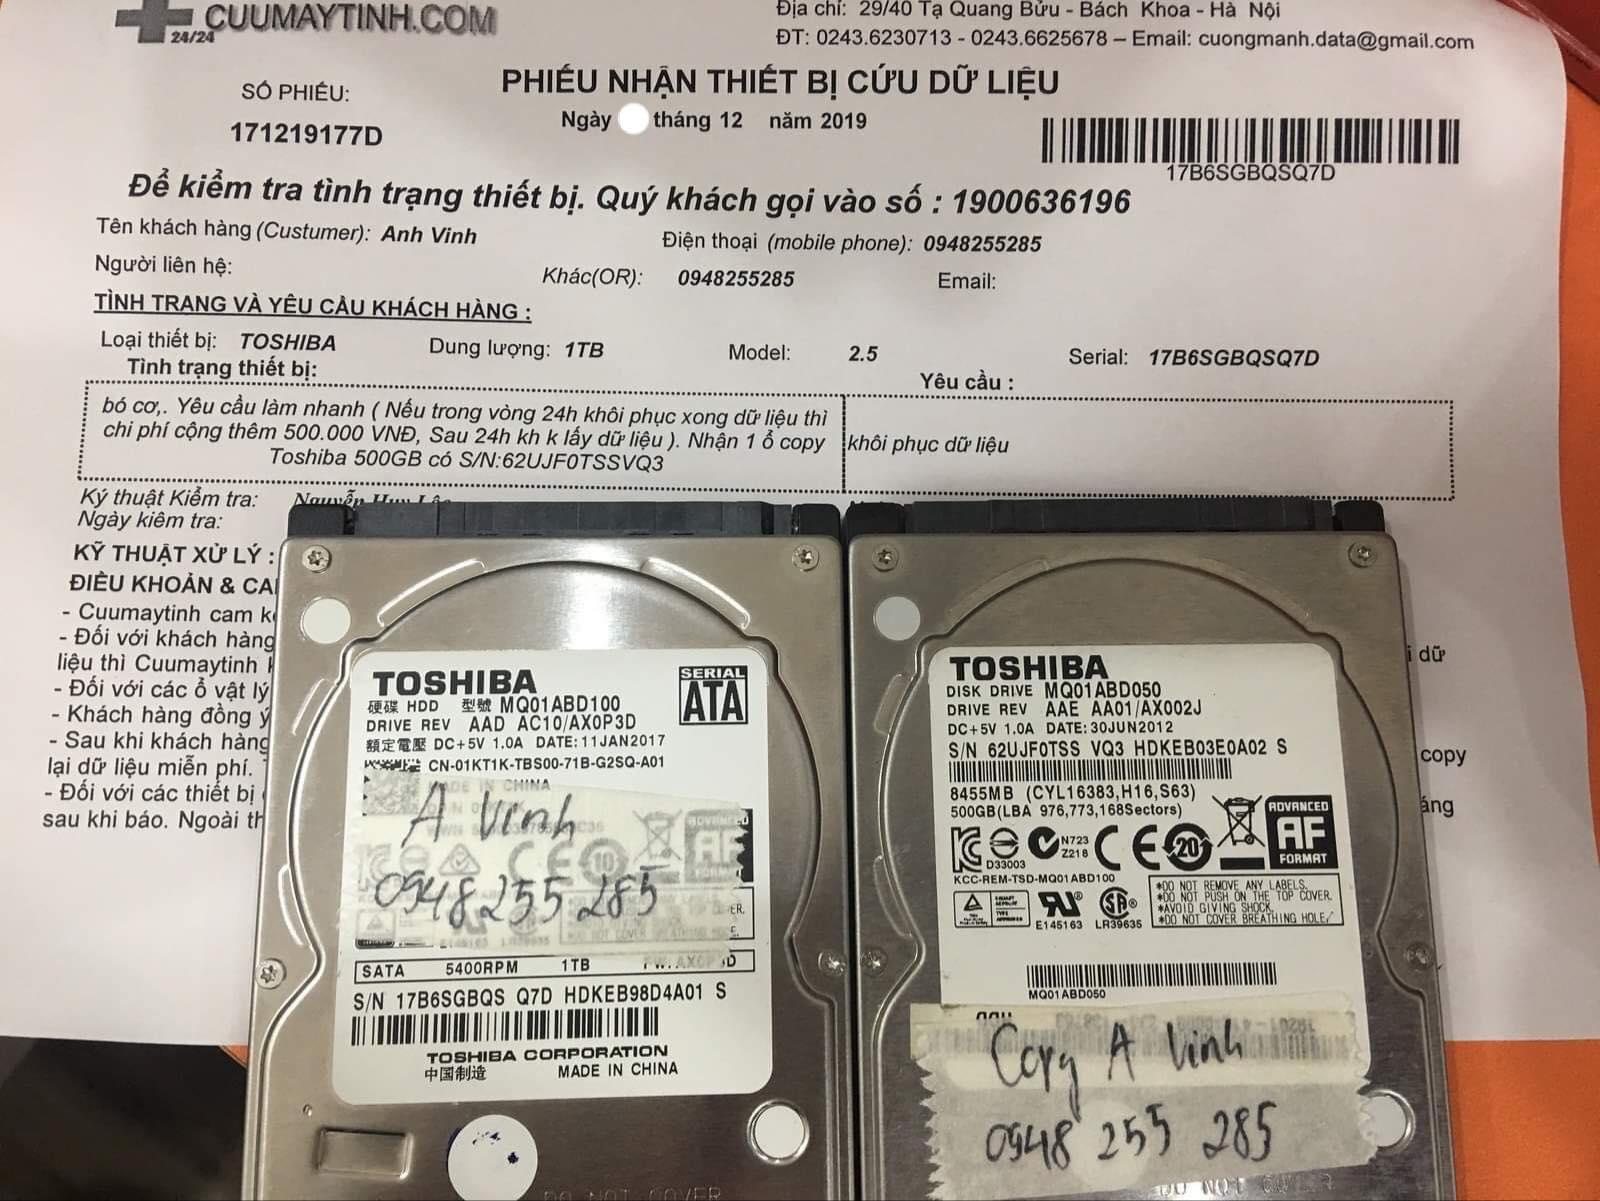 Cứu dữ liệu ổ cứng Toshiba 1TB bó cơ 21/12/2019 - cuumaytinh